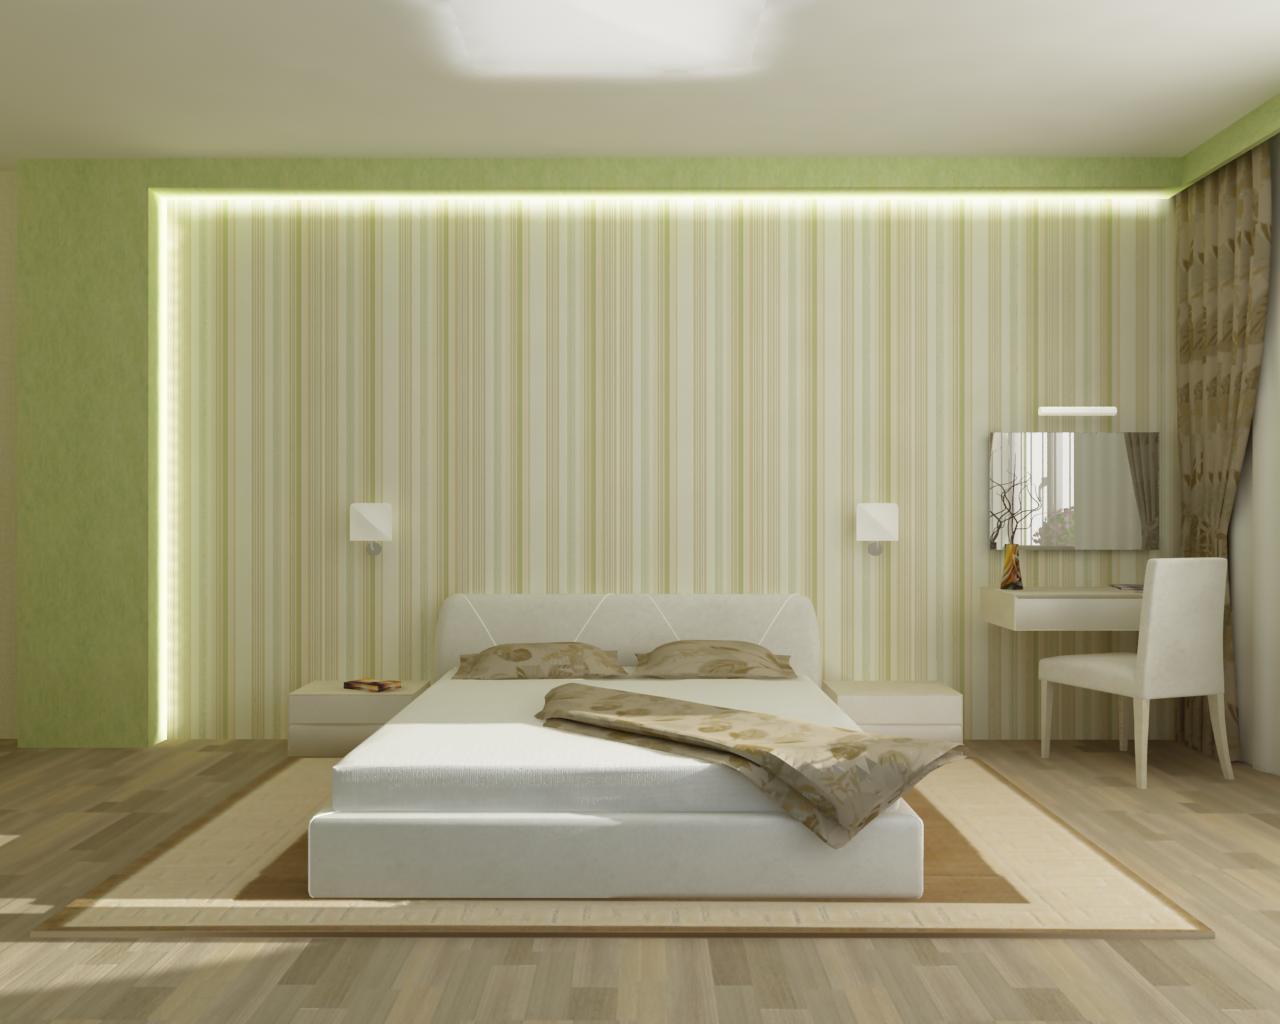 Планируем самостоятельно дизайн своей спальни